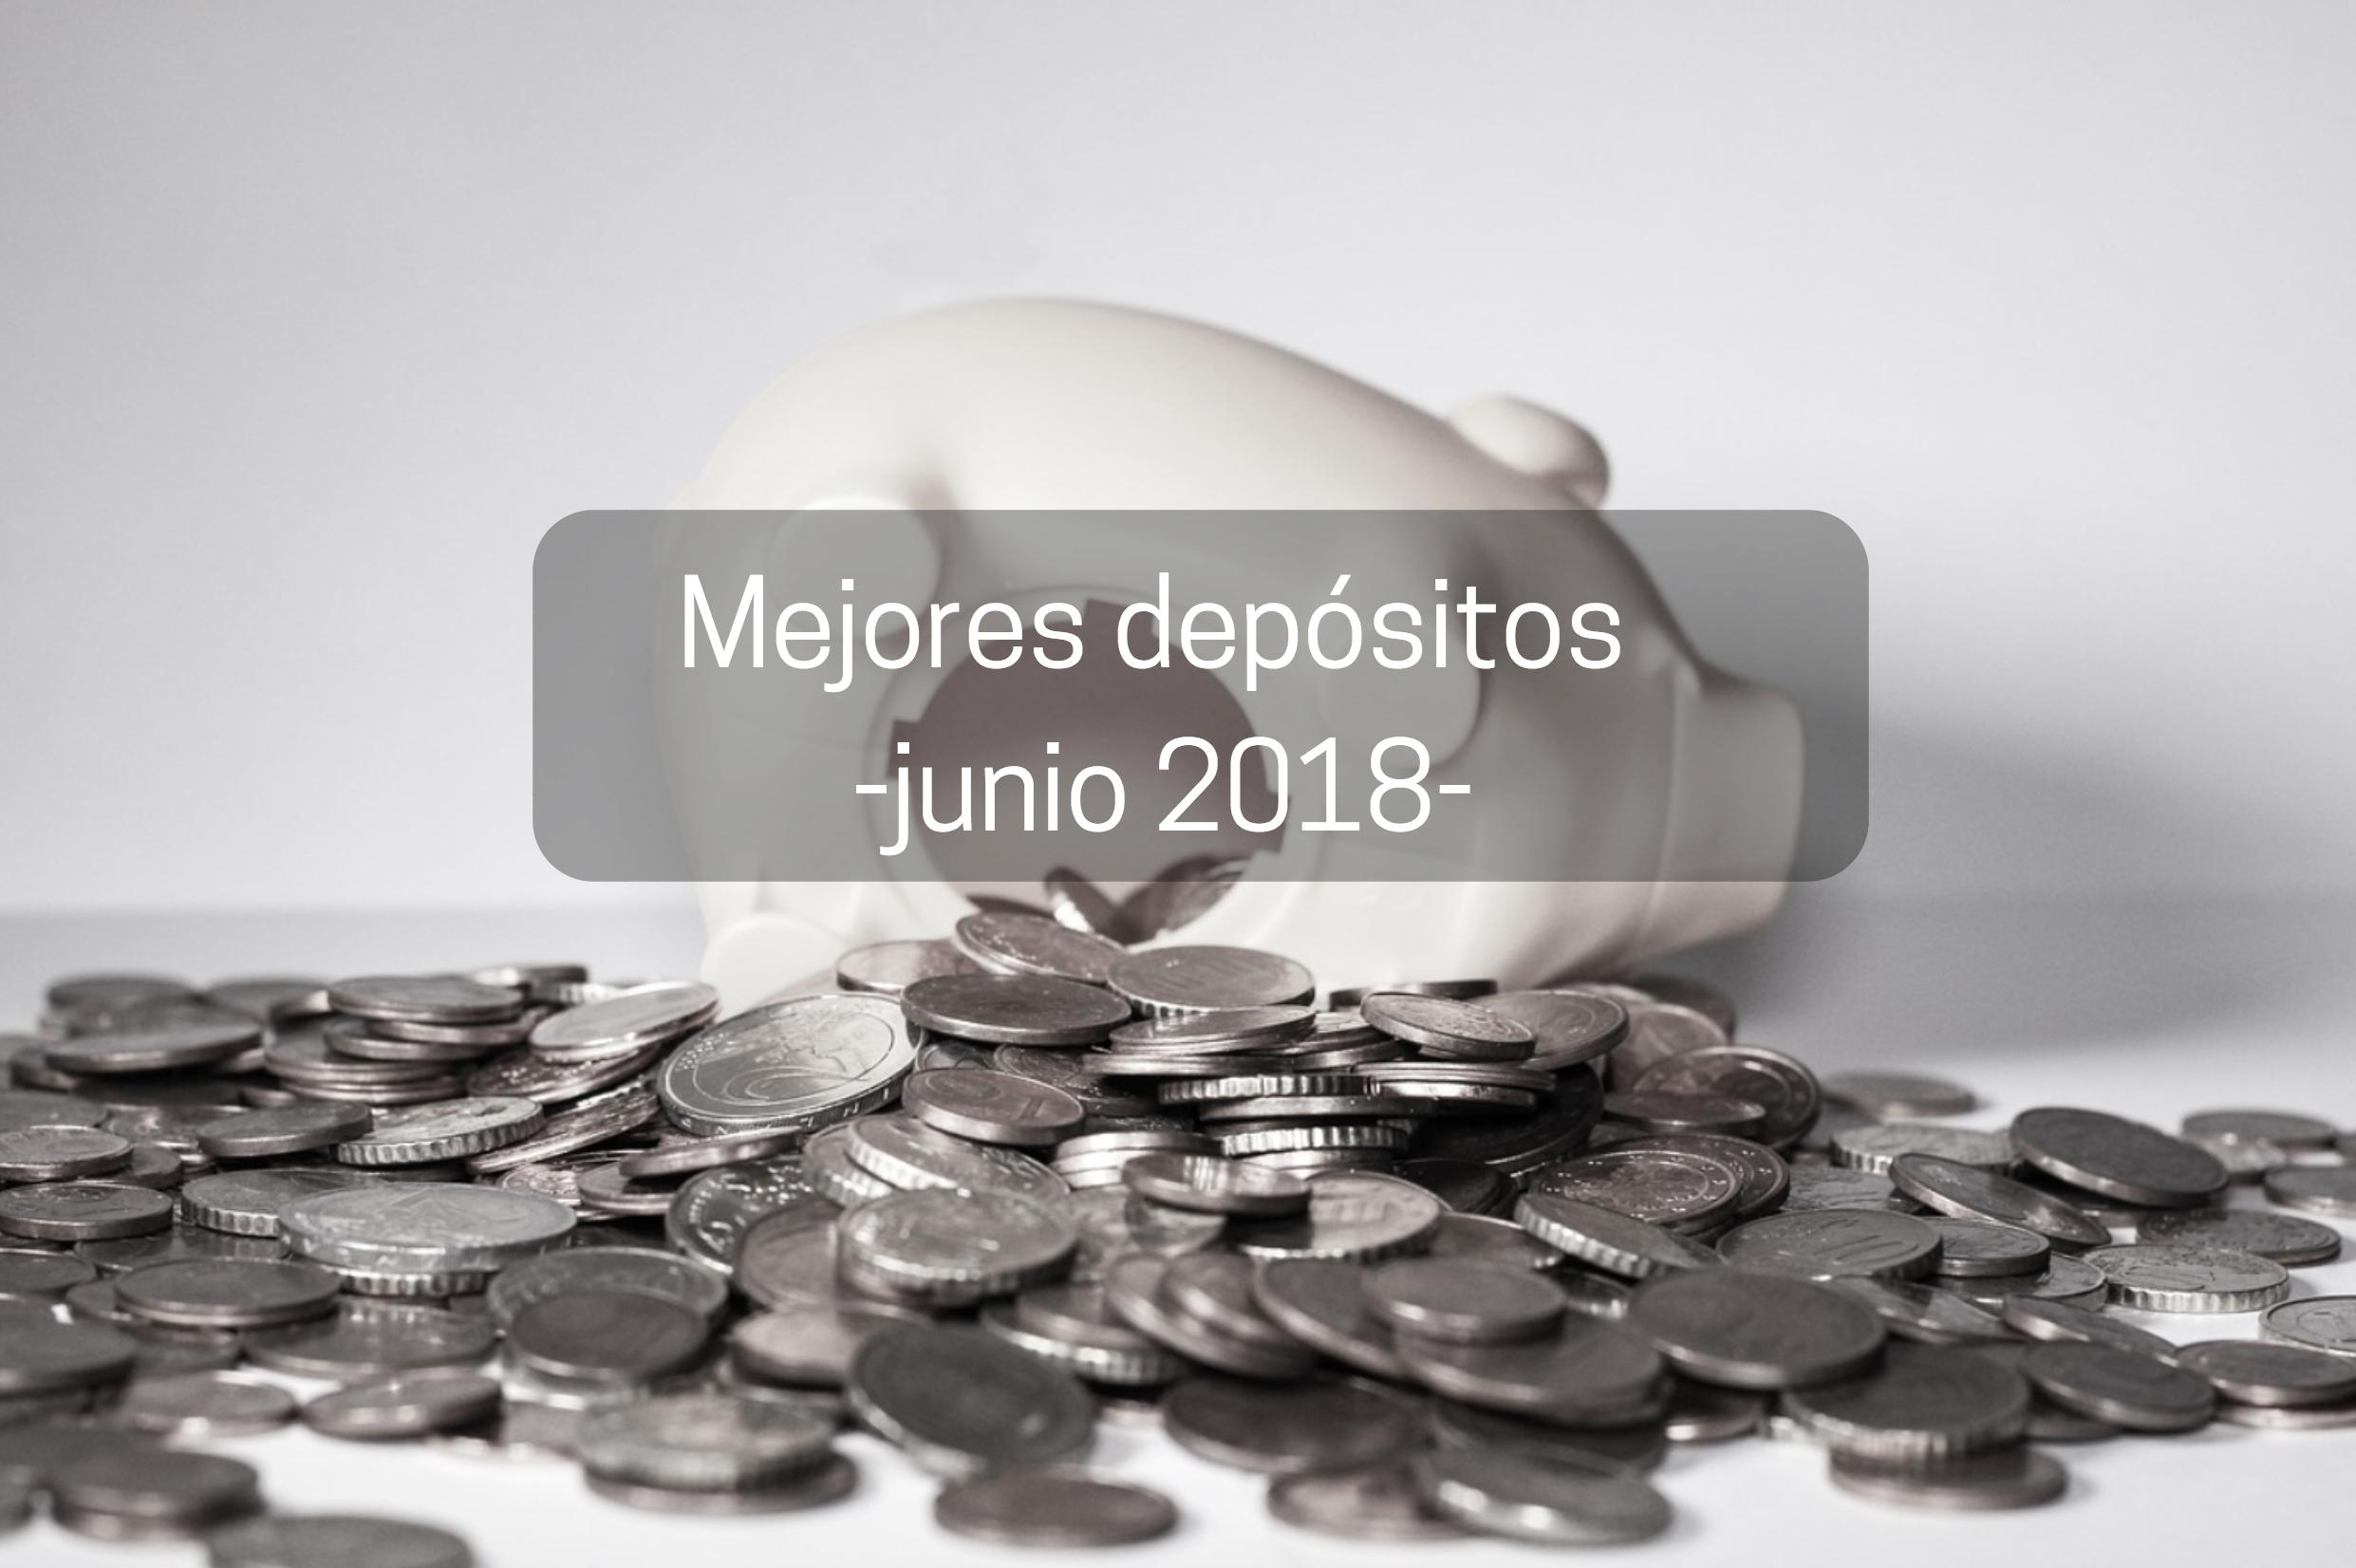 mejores depósitos junio 2018